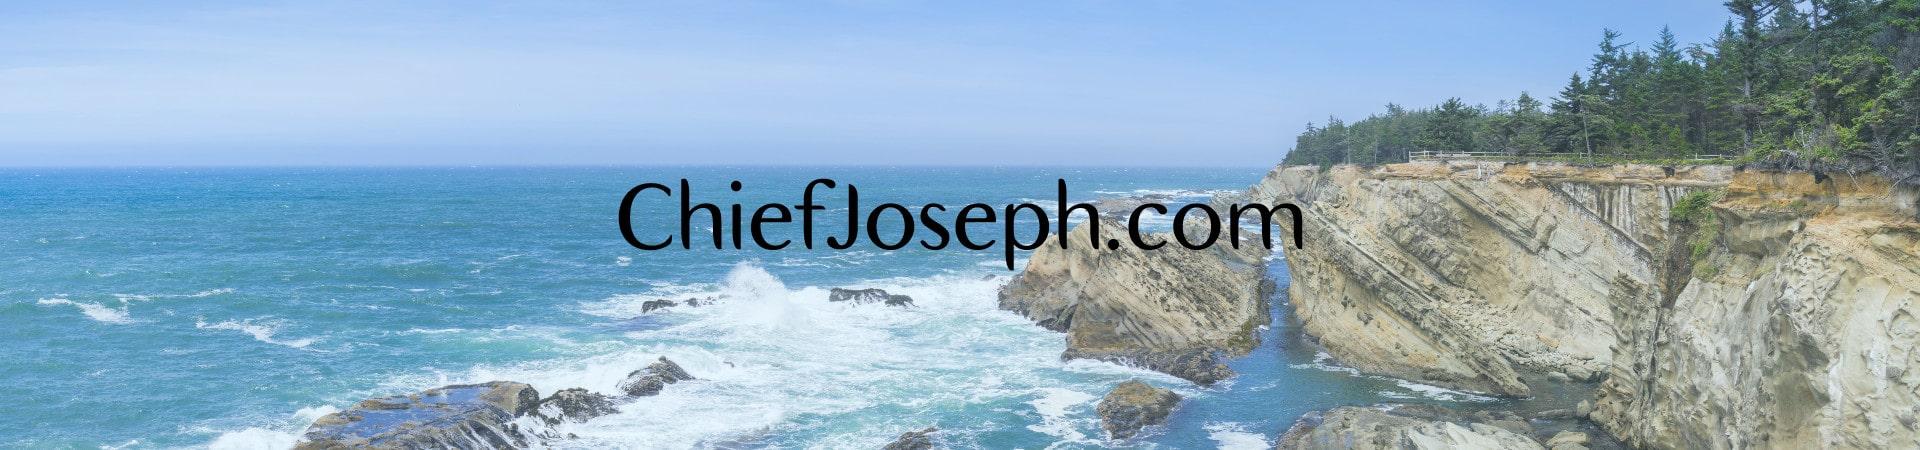 ChiefJoseph.com cart image